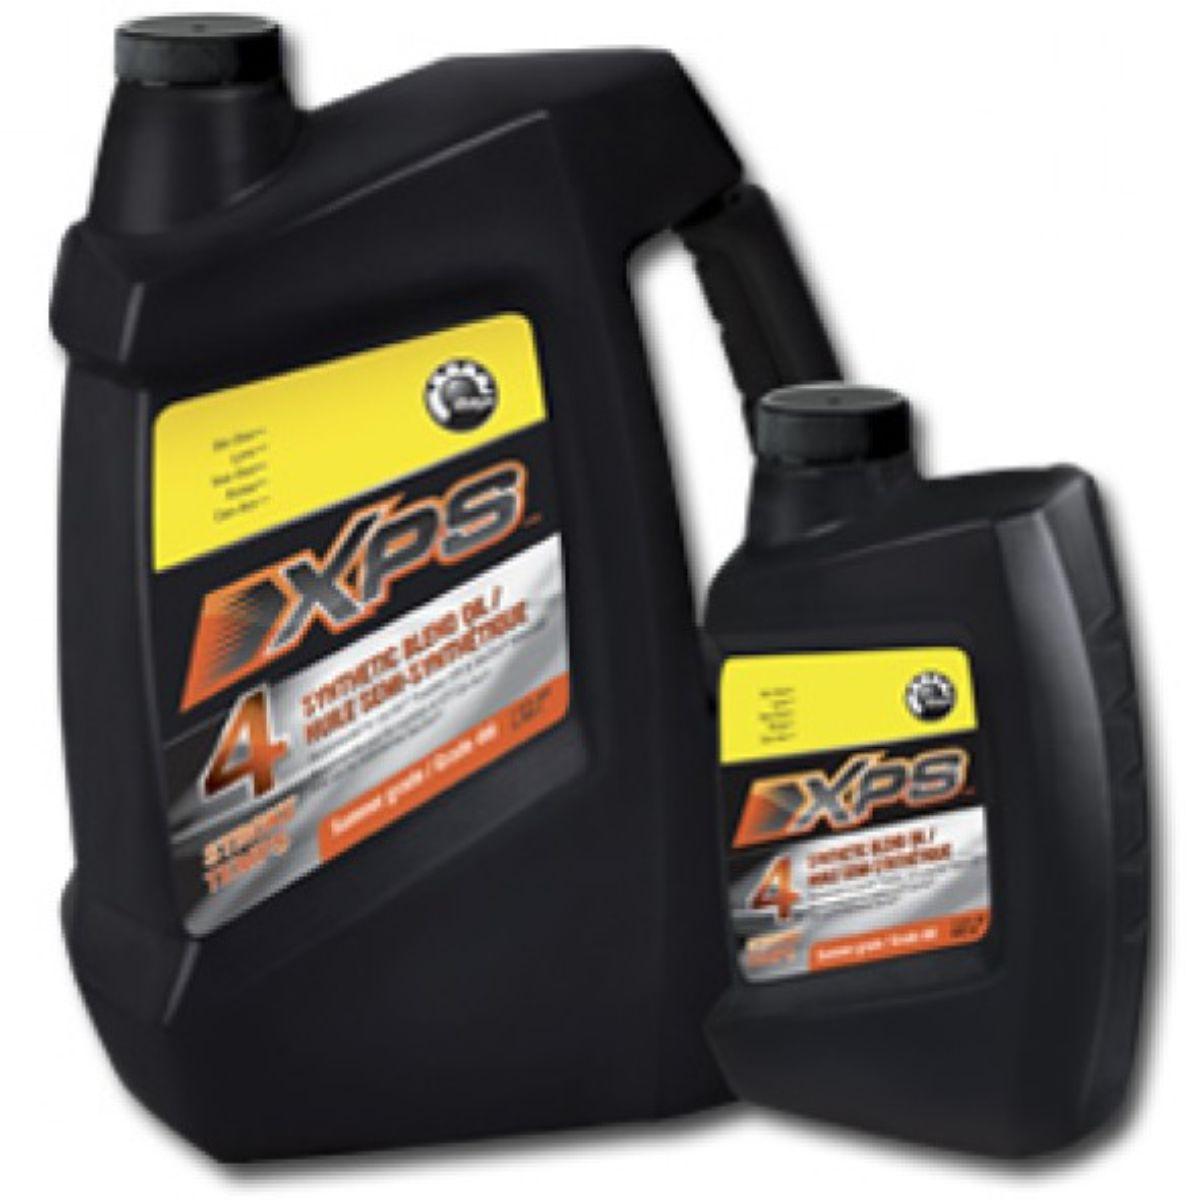 XPS 4stroke en 2 stroke olie Image